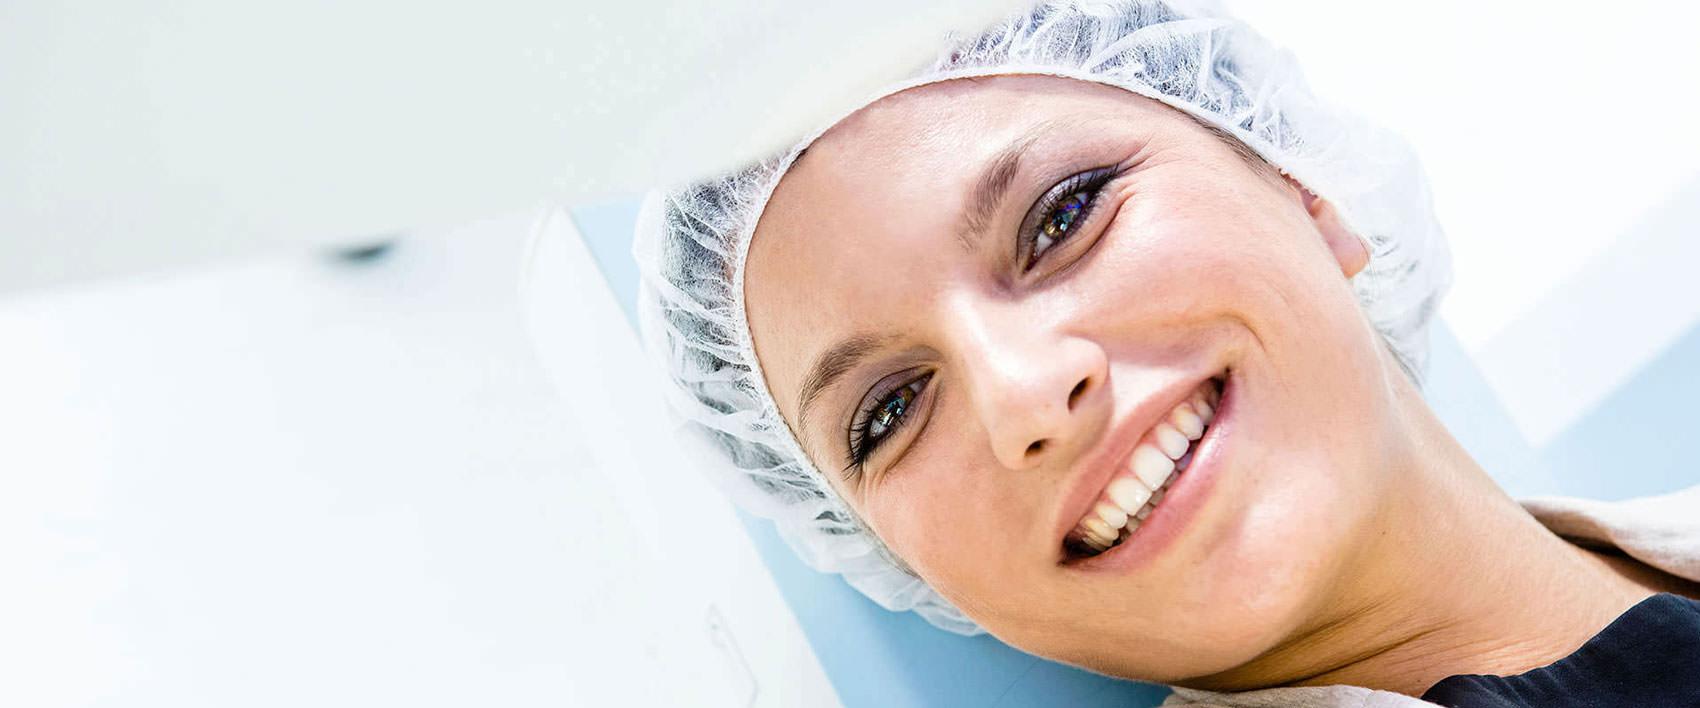 In die Kamera lächelnde Patientin mit Hygienehaube